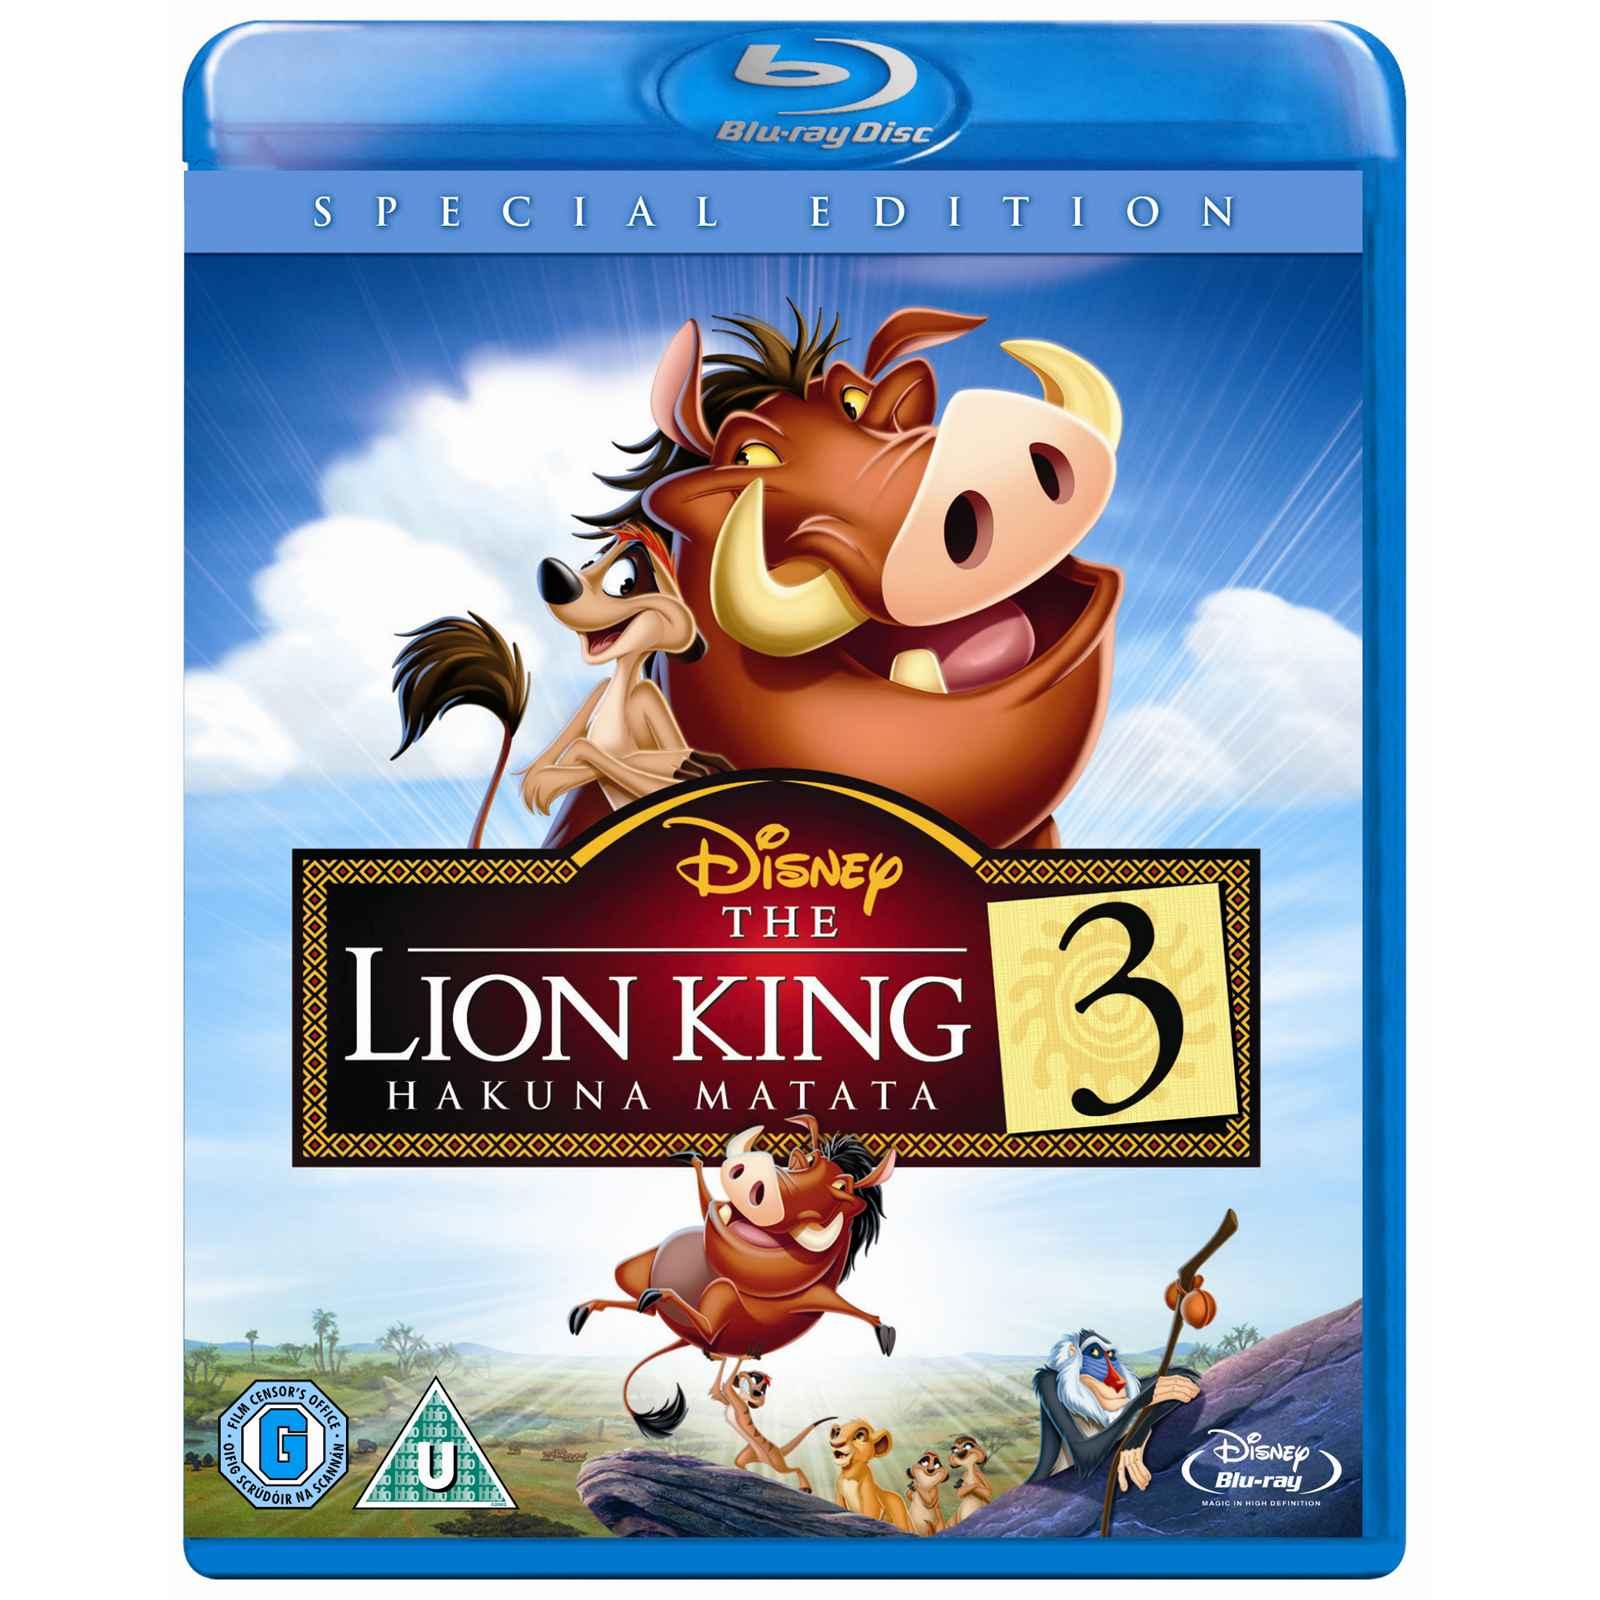 король лев 1 2 3 торрент